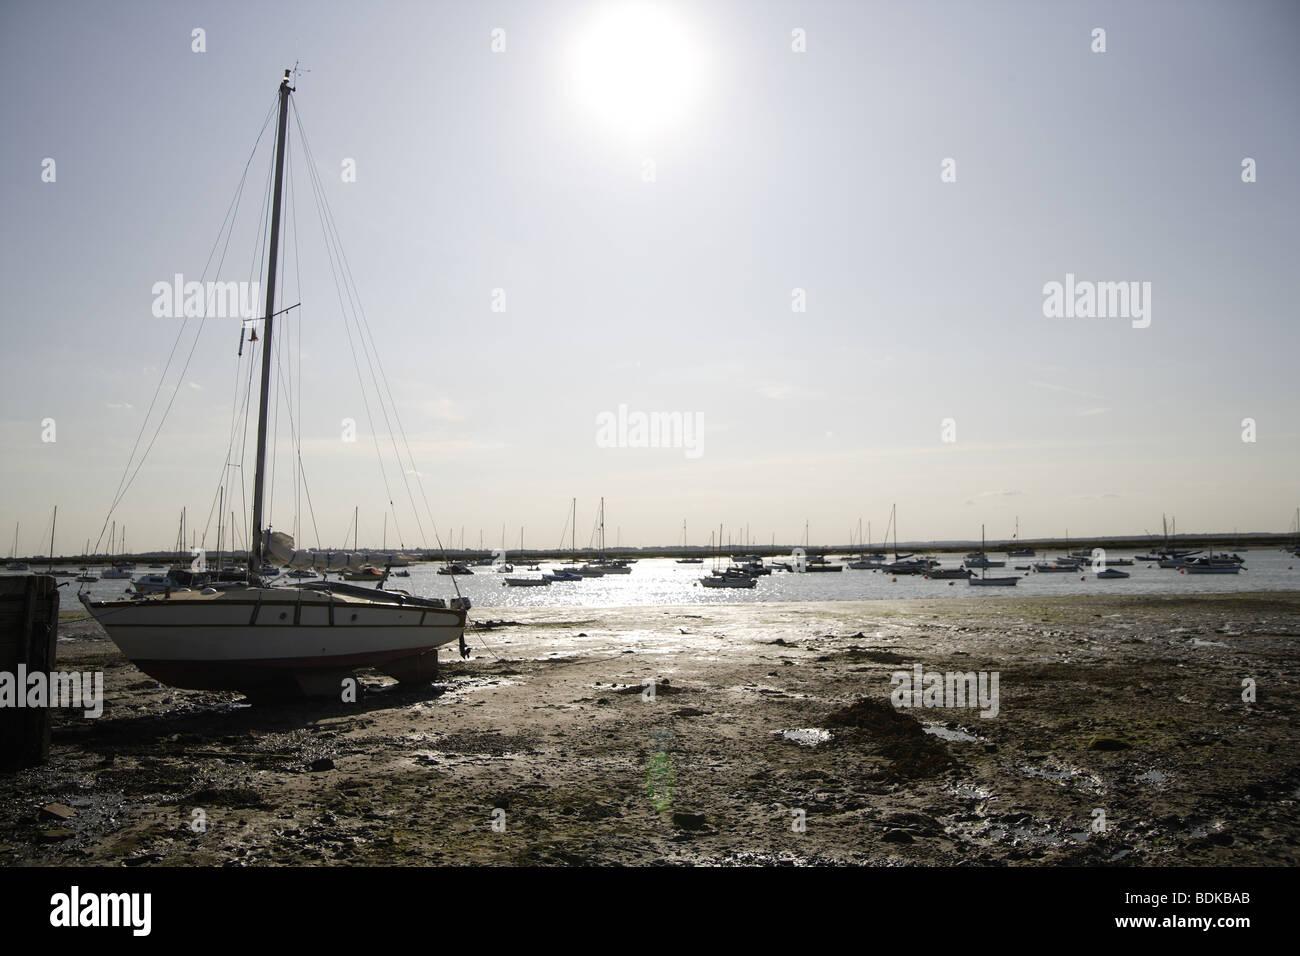 Nel tardo pomeriggio di sole sulla mersea isola nel paesaggio di bassa marea di fango Immagini Stock